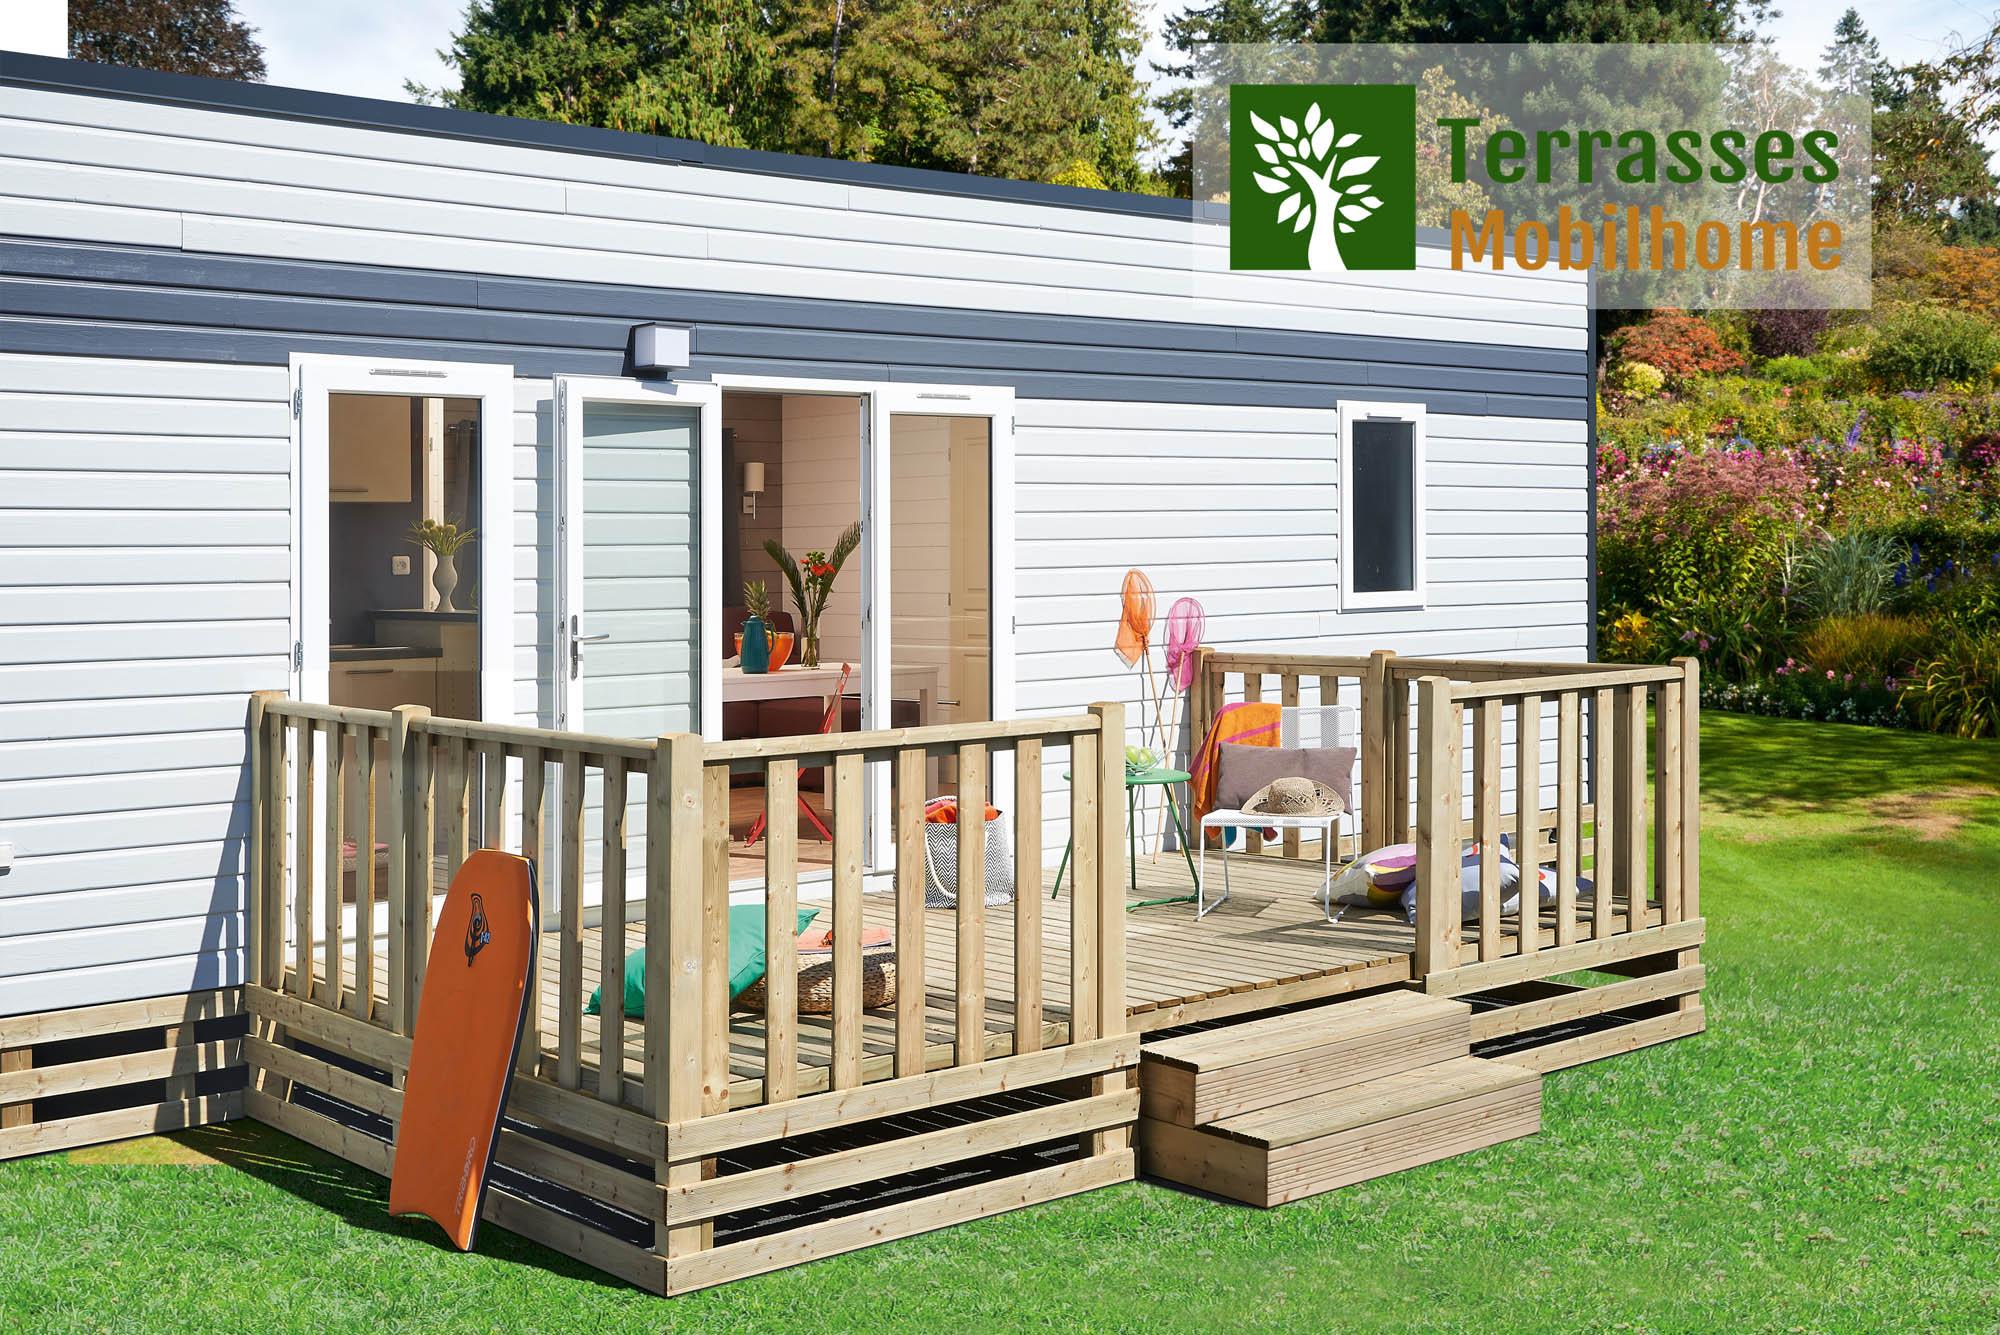 Terrasse Fermée En Bois terrasse mobil home simple, meilleur rapport qualité / prix